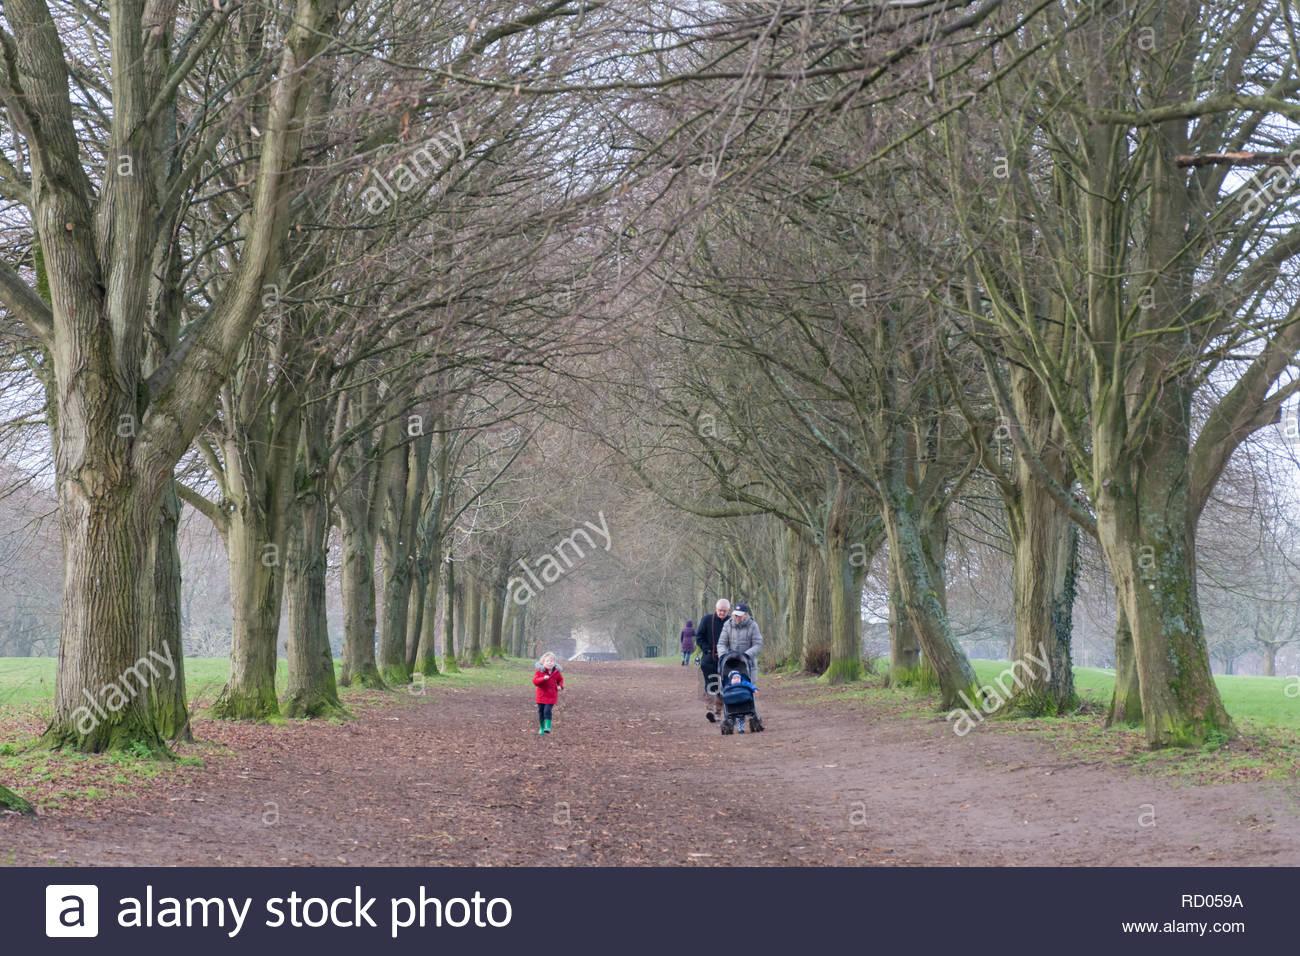 Menschen gehen für einen Winterspaziergang unter einer Allee von Bäumen im Park, Farnham, Surrey, Großbritannien. Alltag. Stockbild